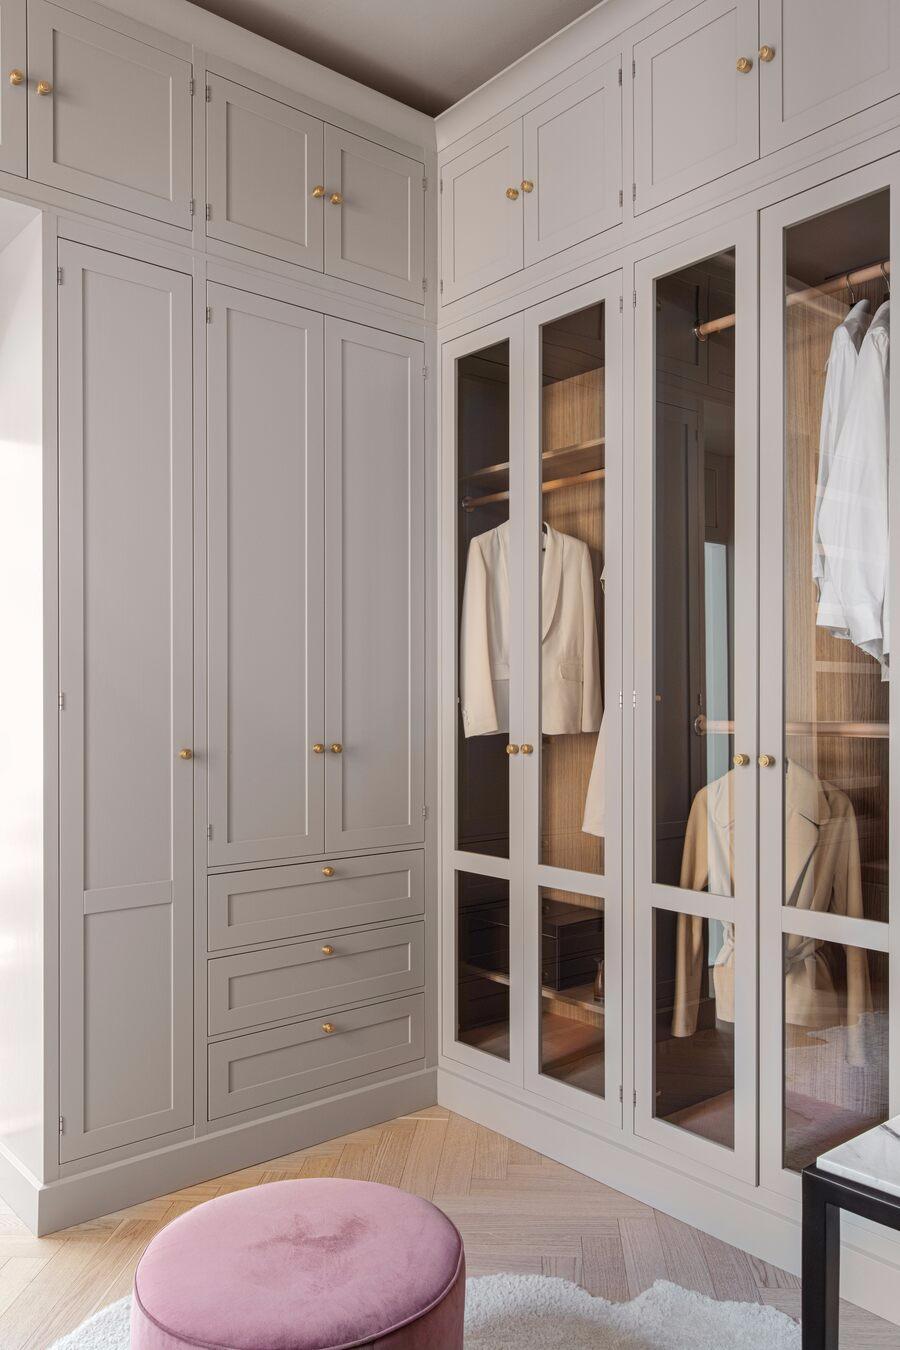 Rensa smart – få i ordning i hall och garderob med smarta tips